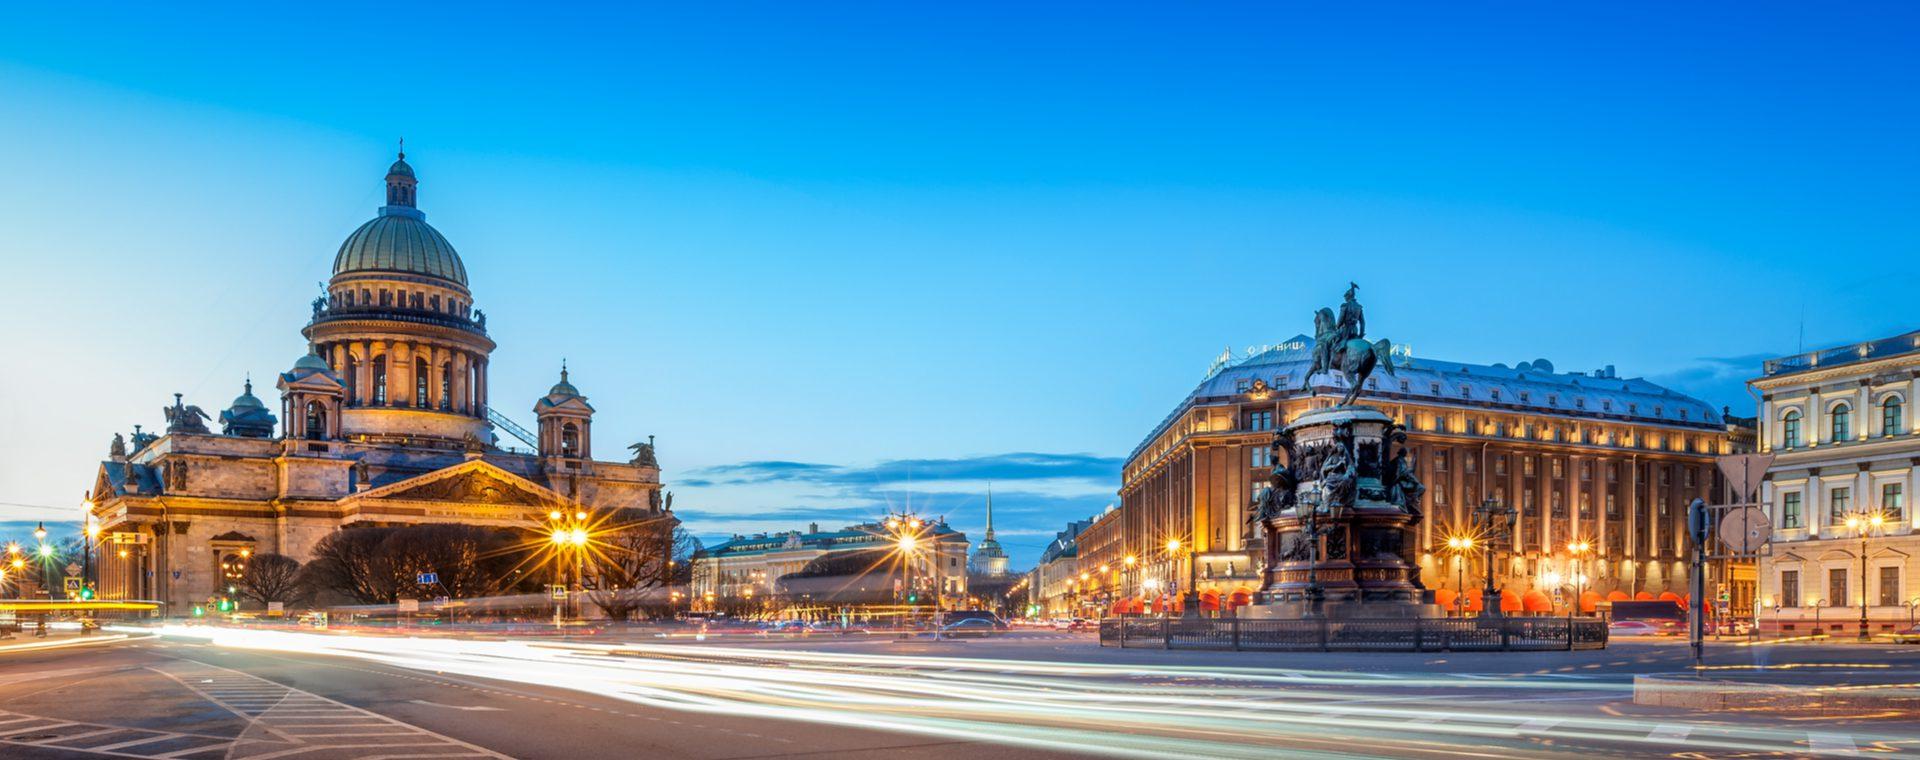 Annick op ontdekking in Sint-Petersburg